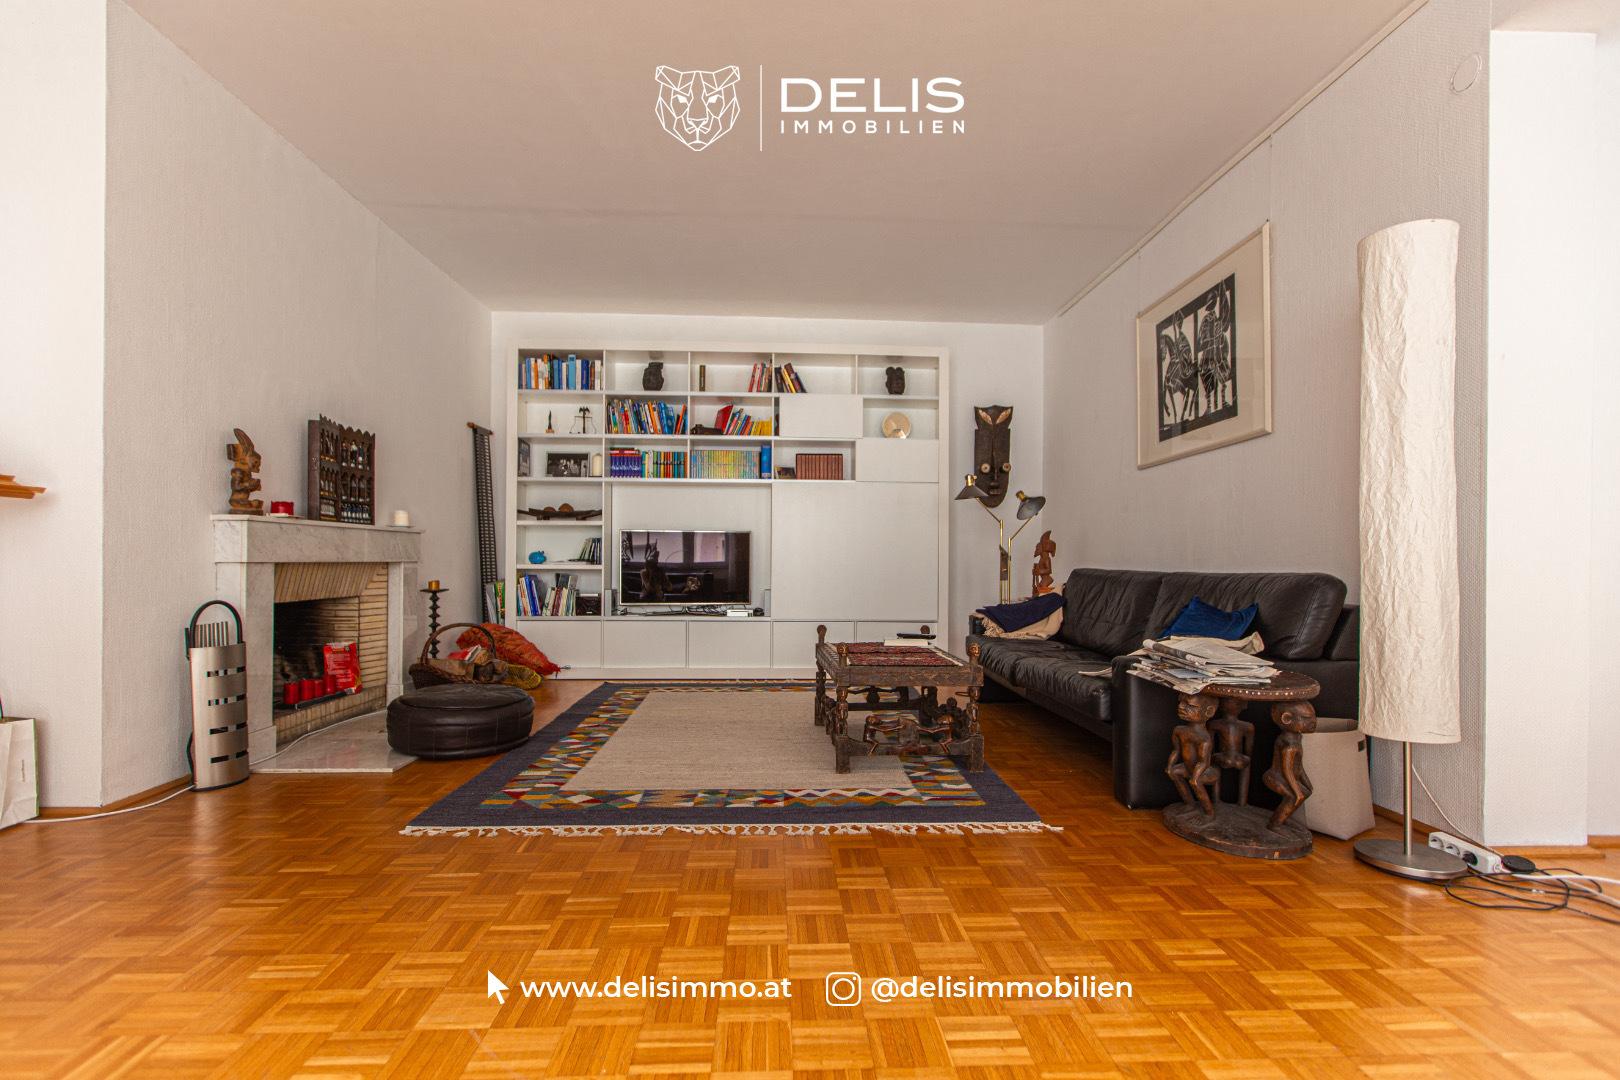 Delis_Vorlage_1090